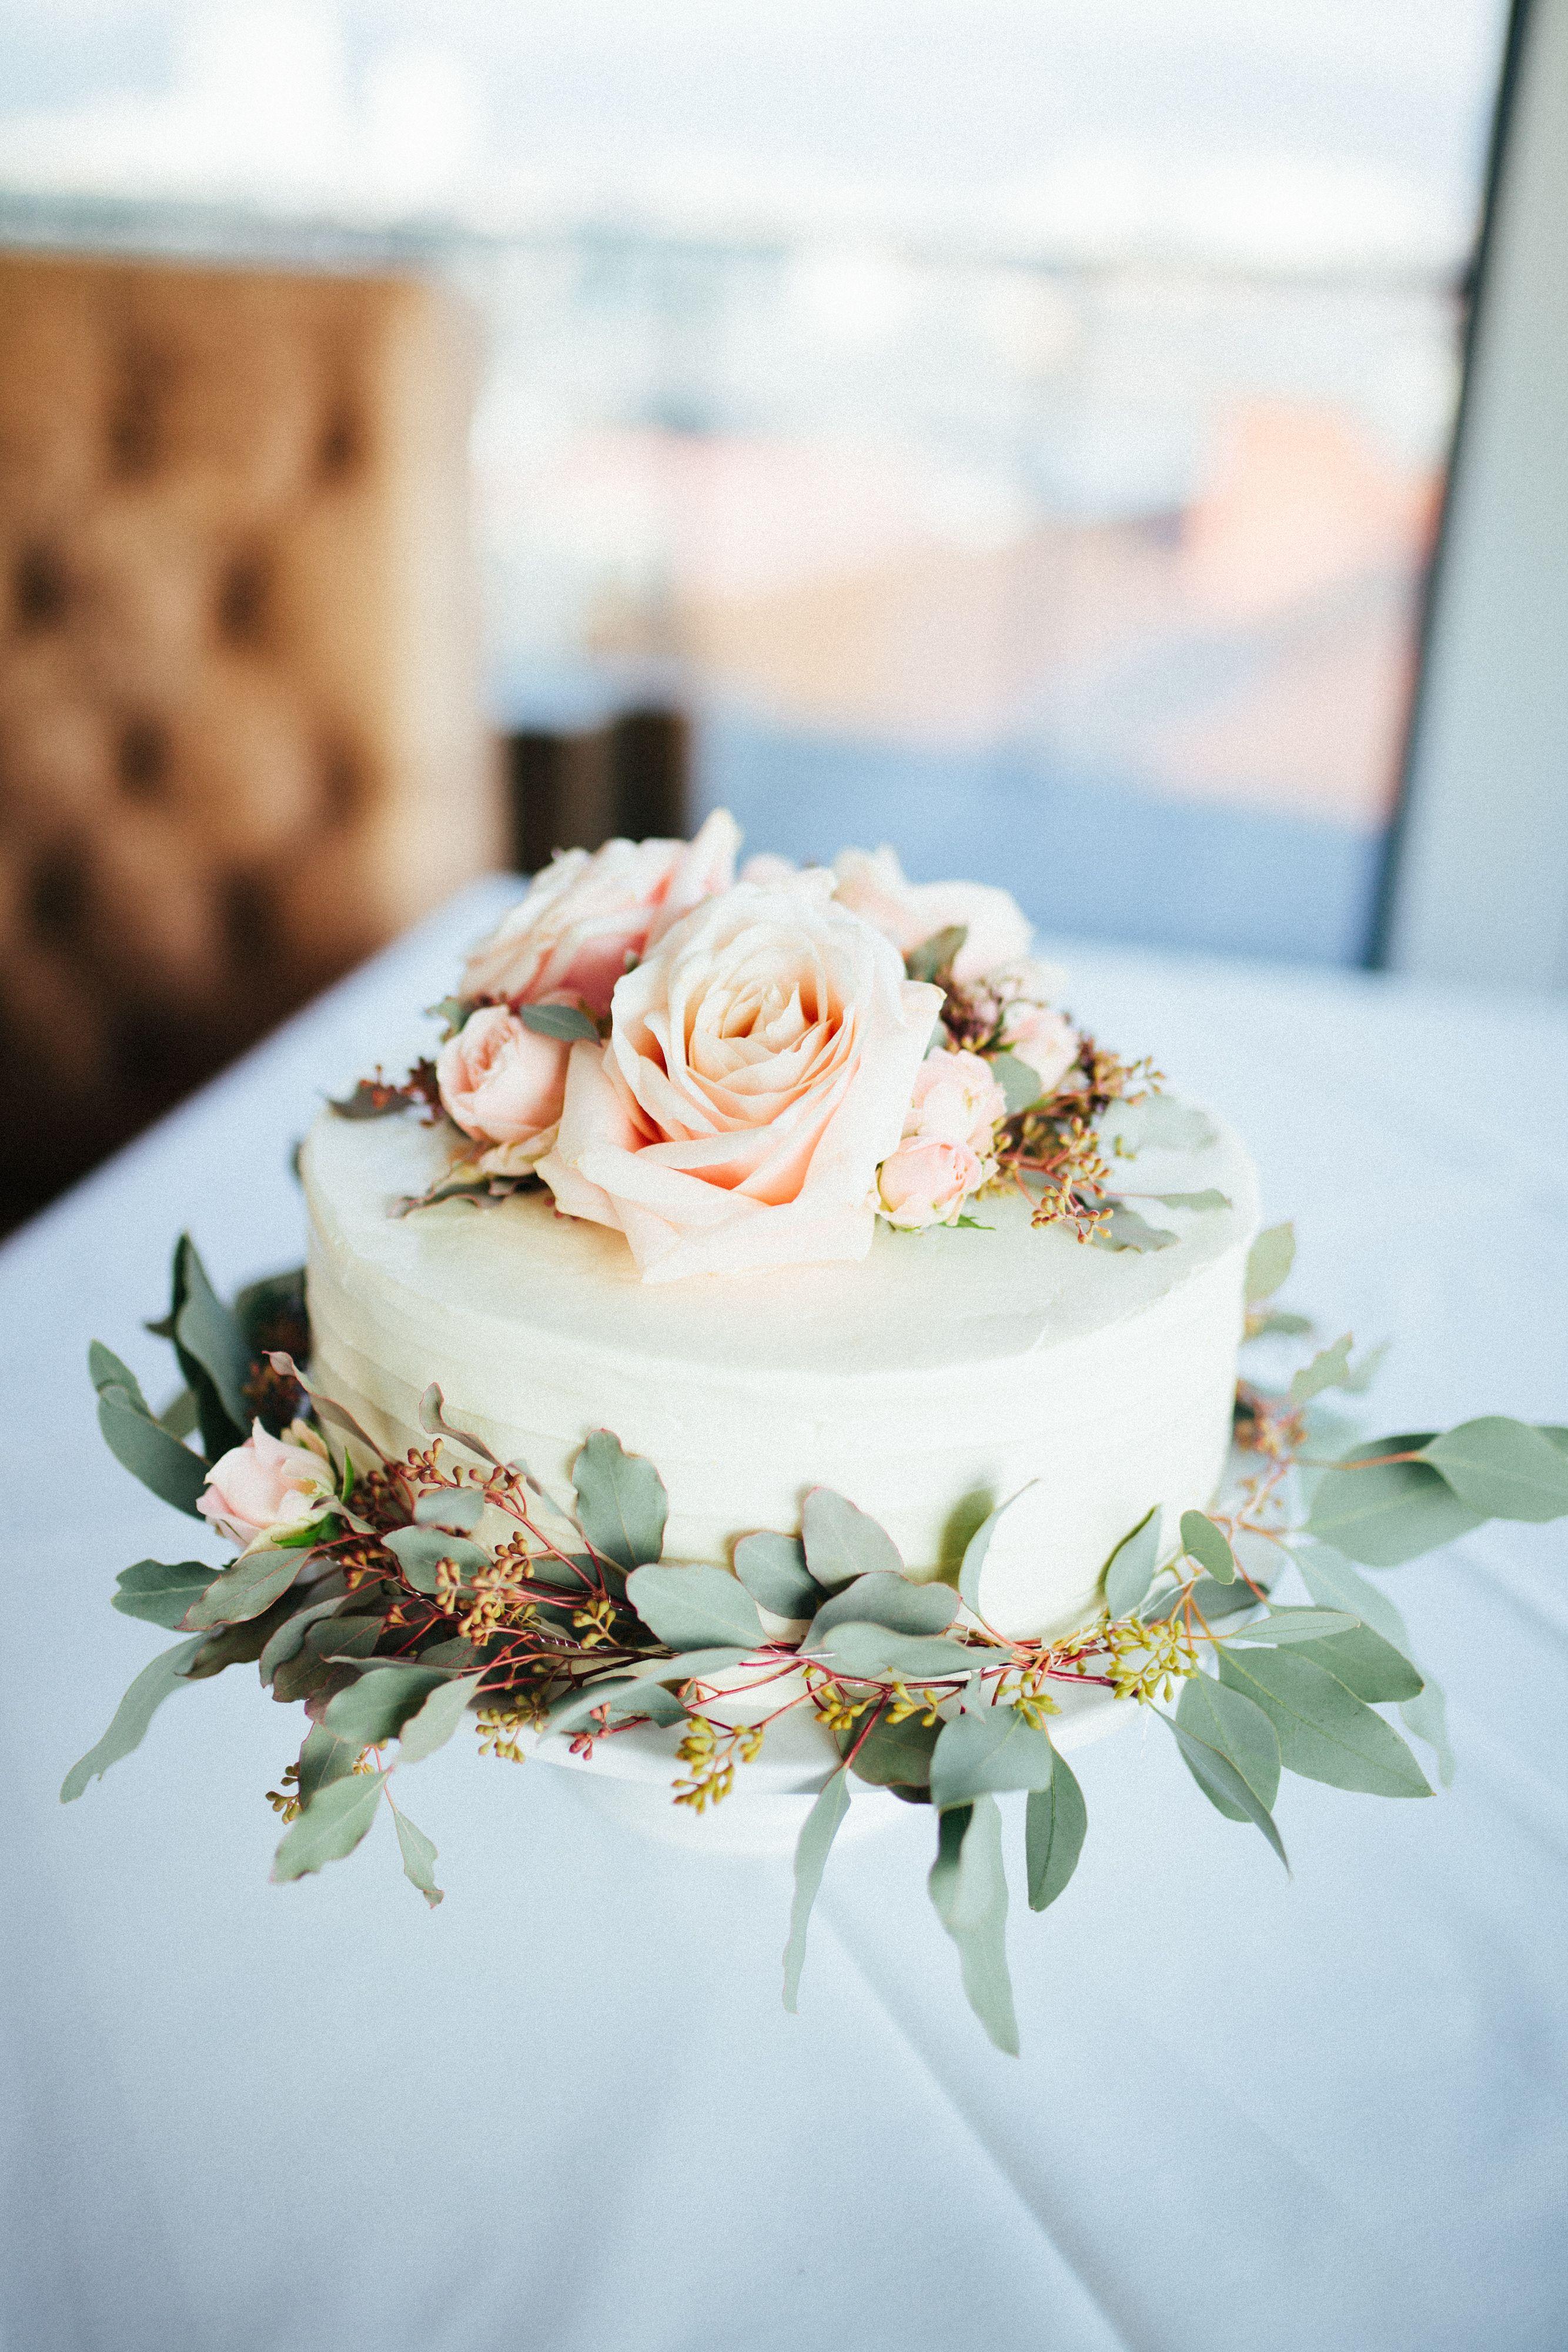 Echte Kuchenliebe Torte